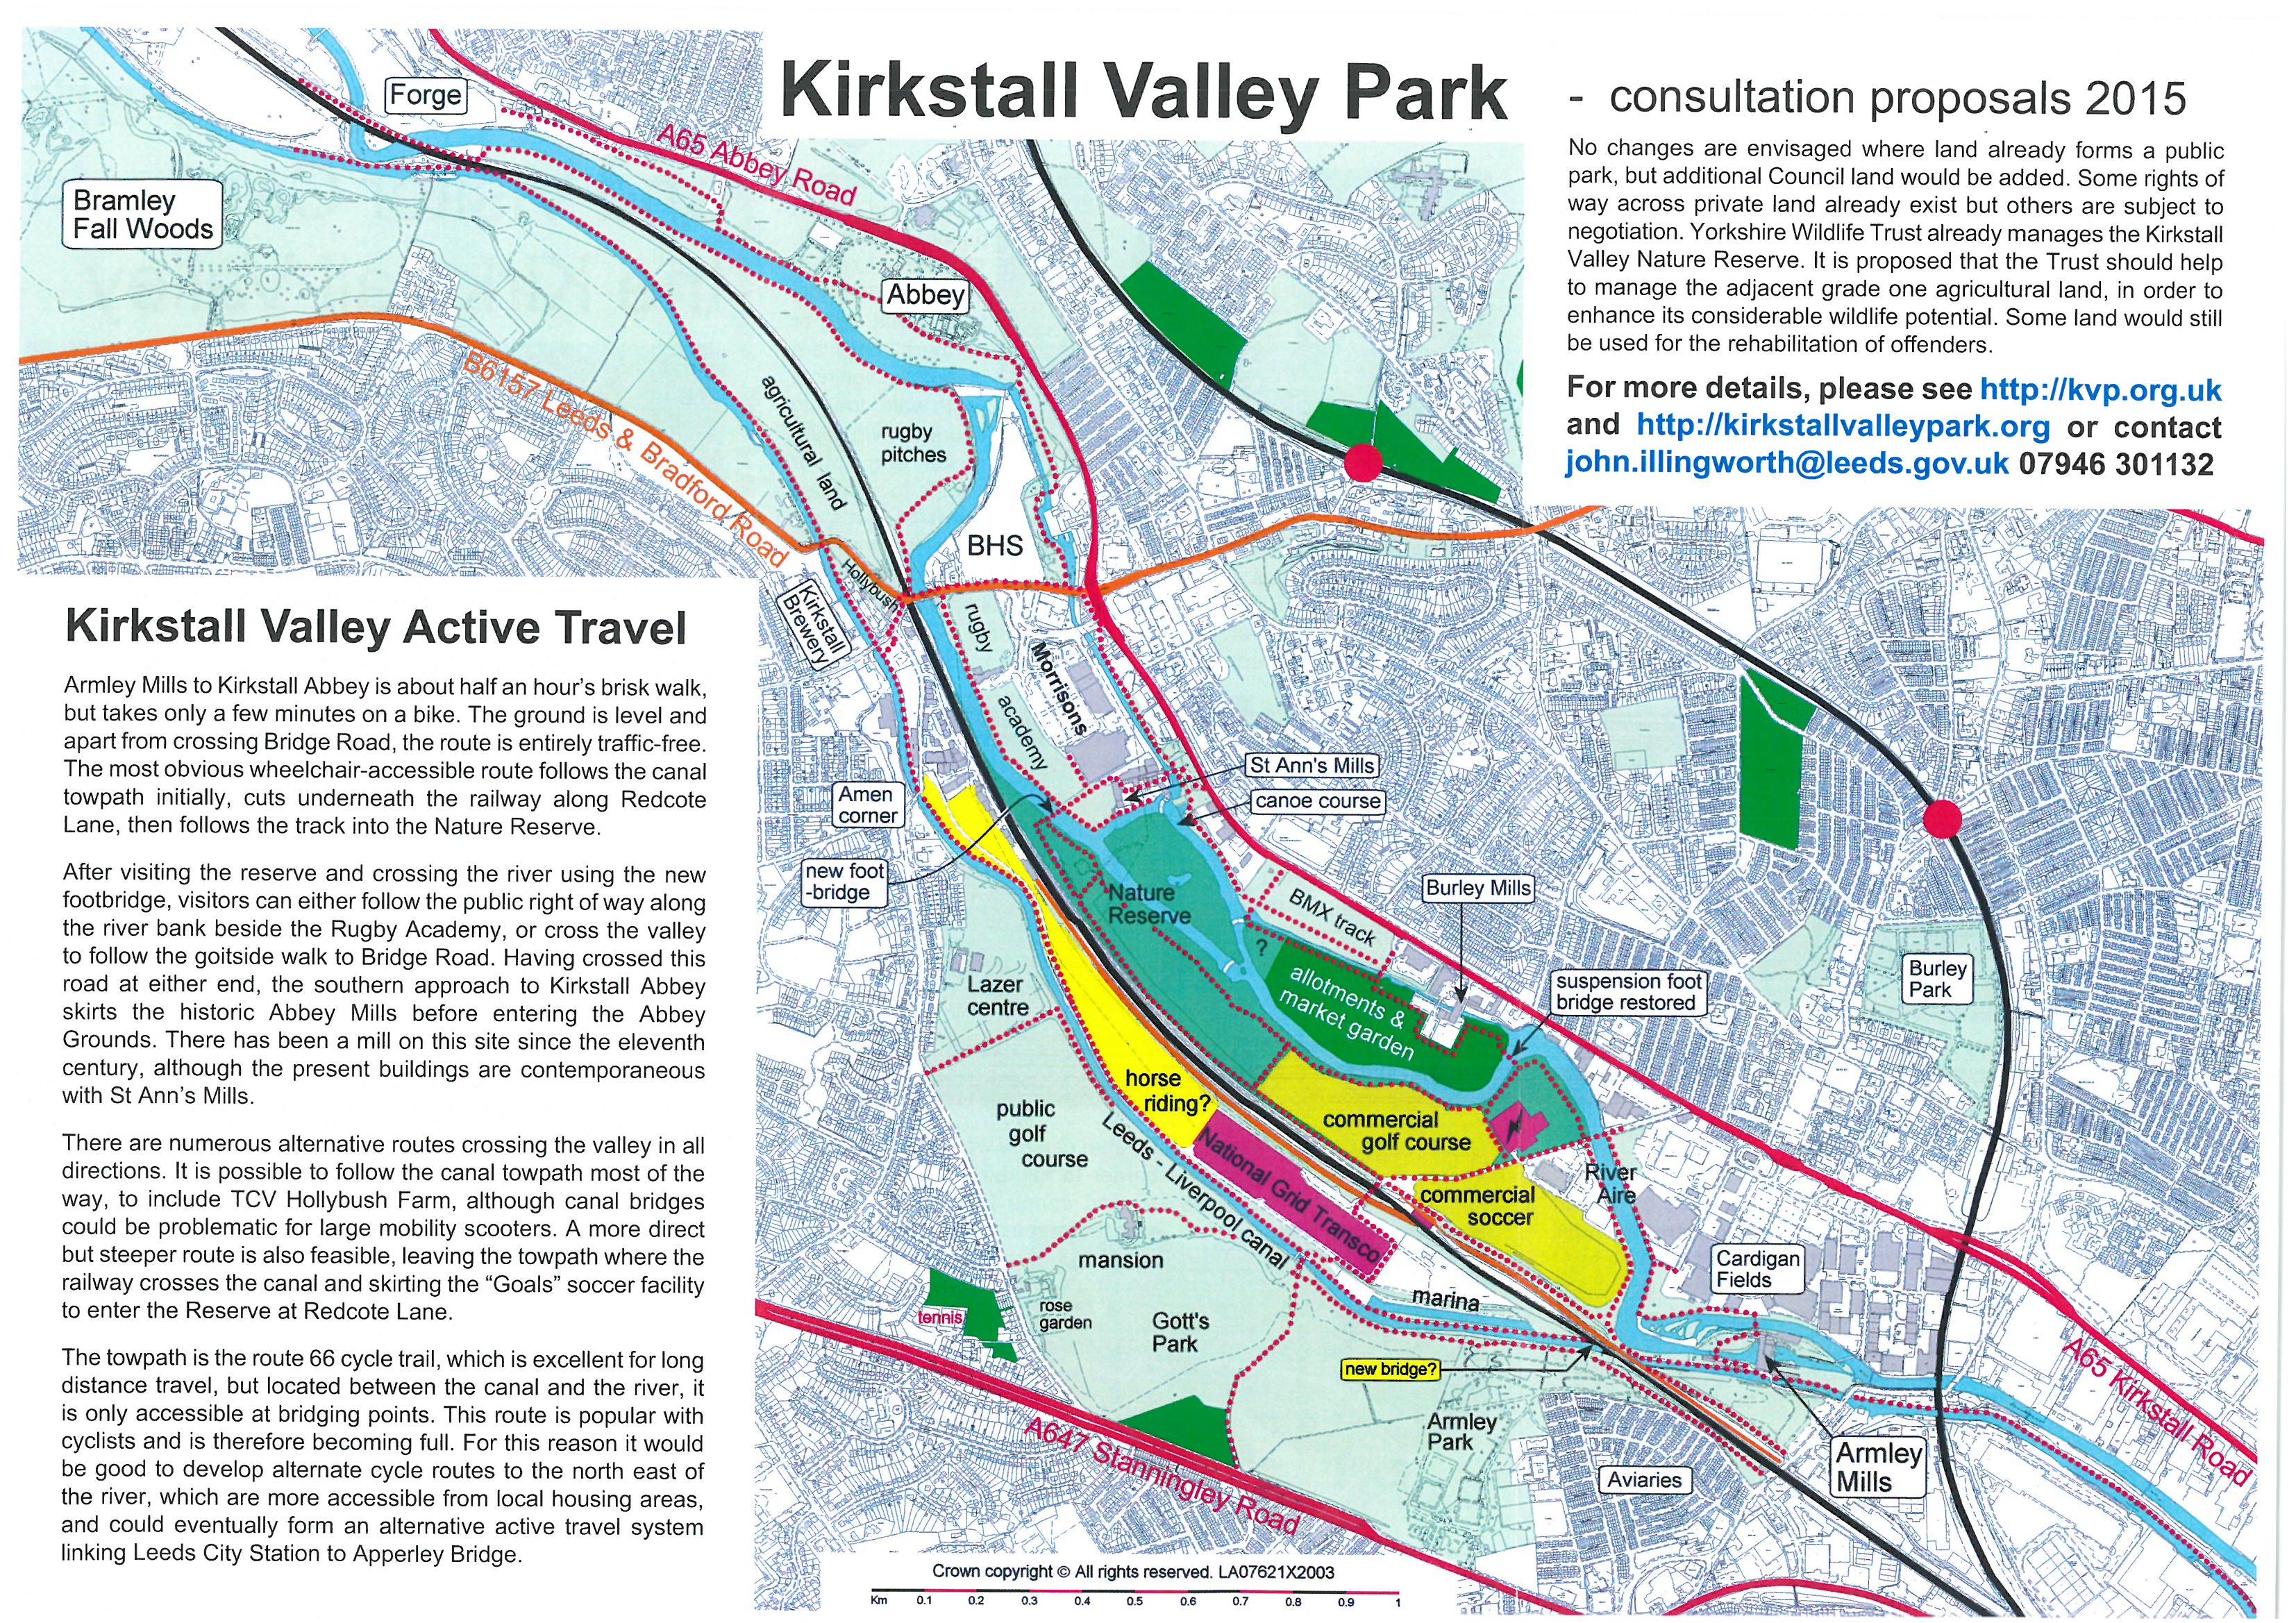 kirkstall valley park